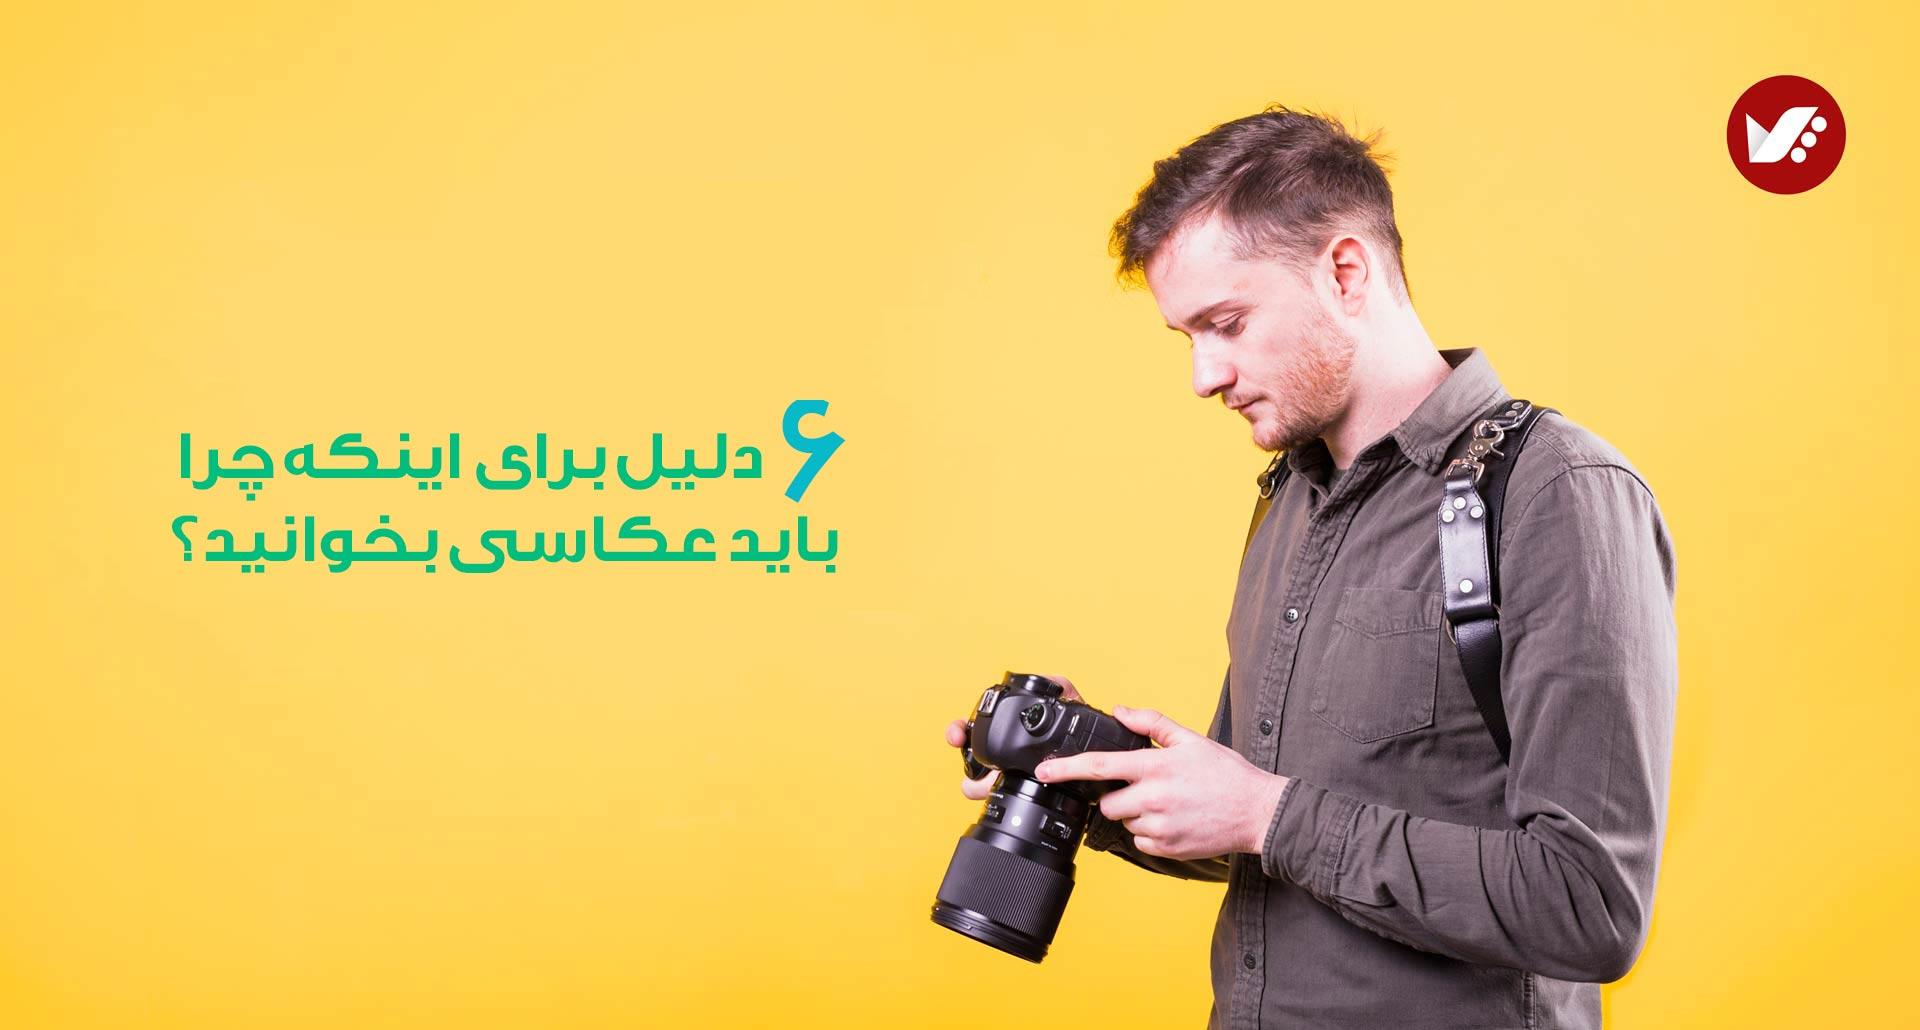 become a photographer 5 - 6 فایده عکاسی و 6 دلیل رفتن به کلاس عکاسی